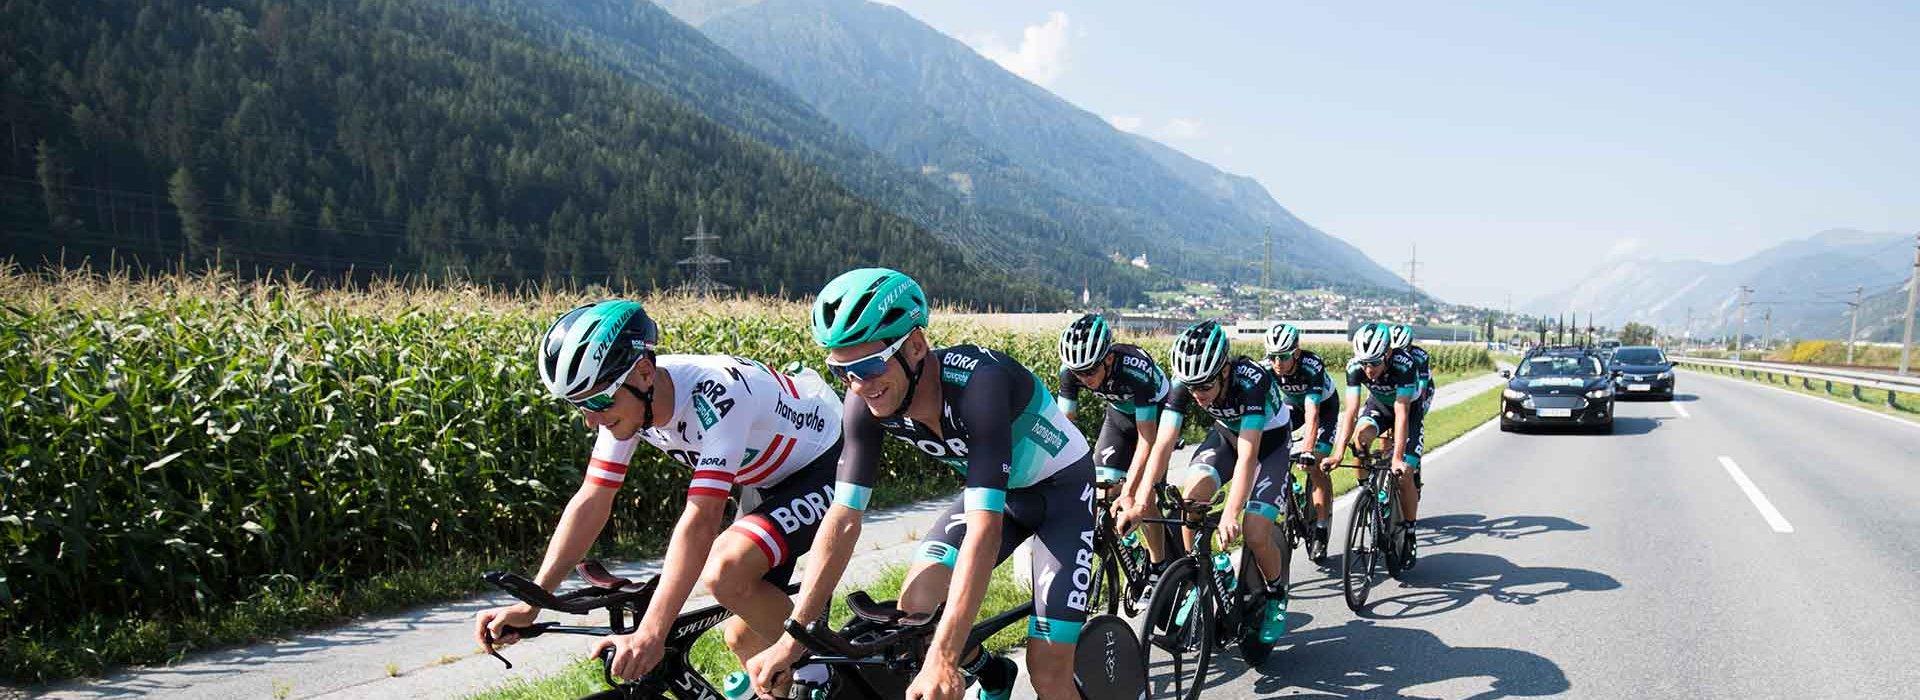 Beste Bedingungen für die Vorbereitungen auf das UCI Mannschaftszeitfahren der Herren am 23. September 2018